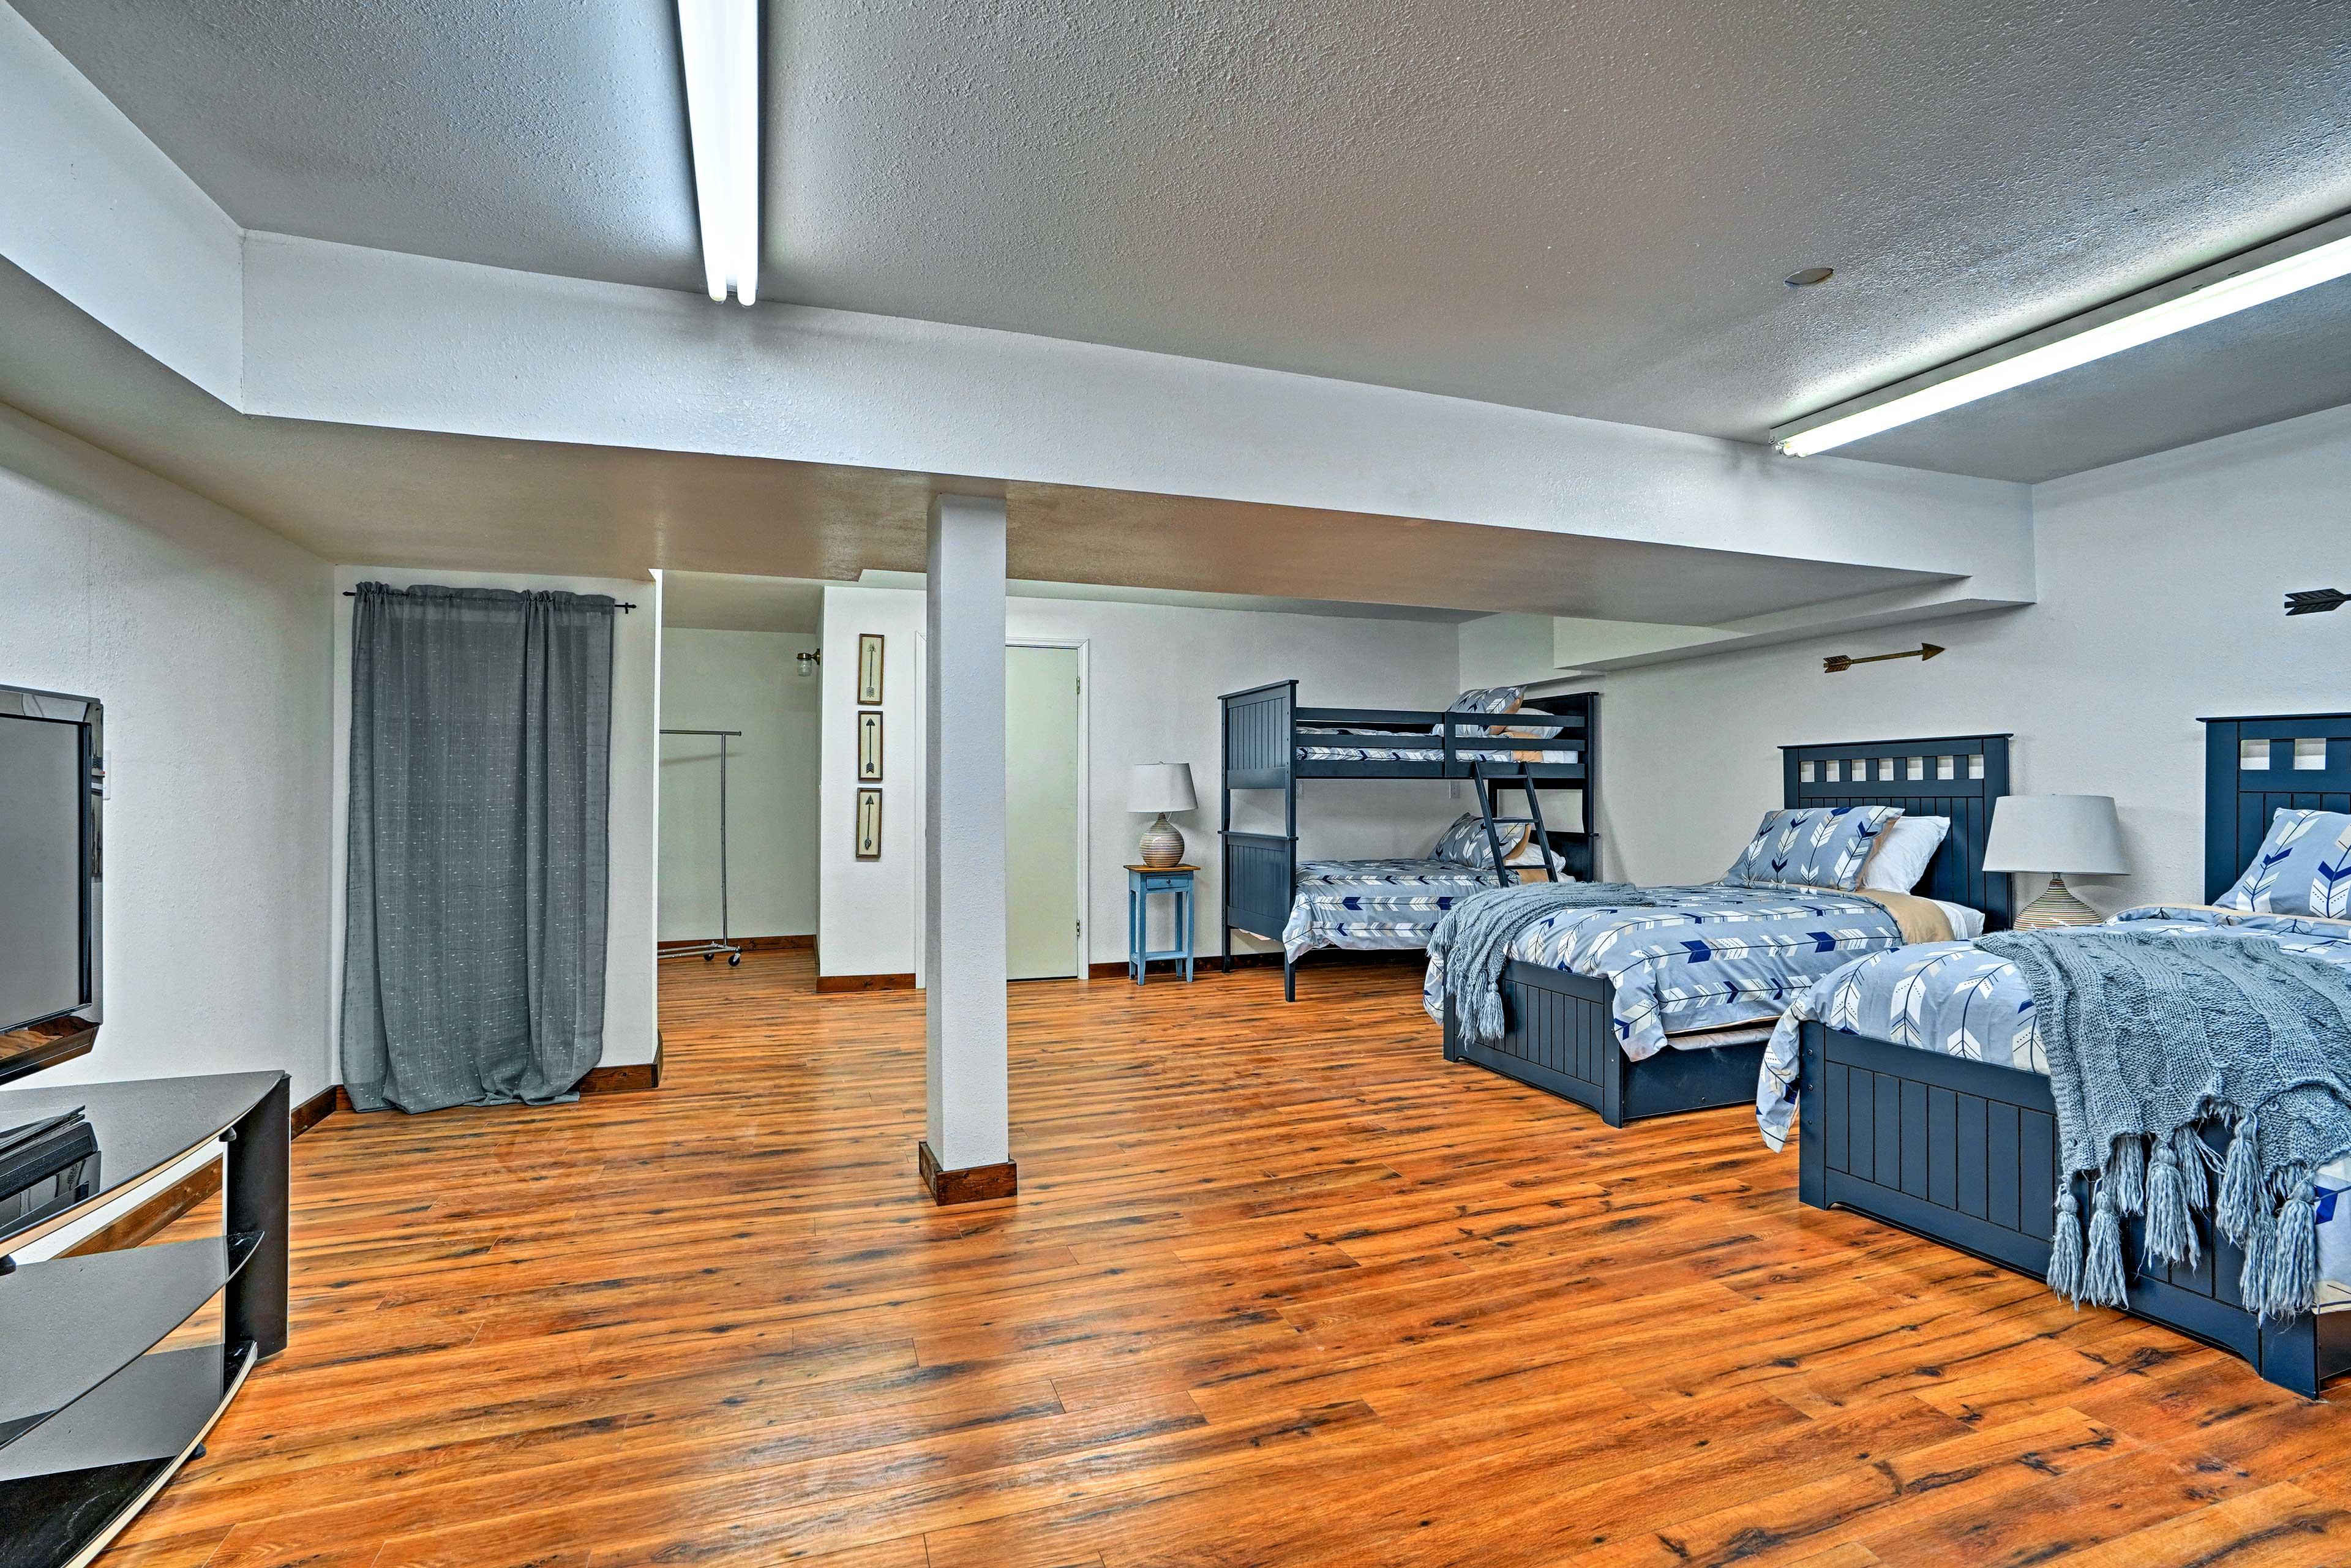 Bedroom 5 | 2 Twin Bunk Beds | 2 Twin Beds w/Twin Trundles | Queen Sleeper Sofa